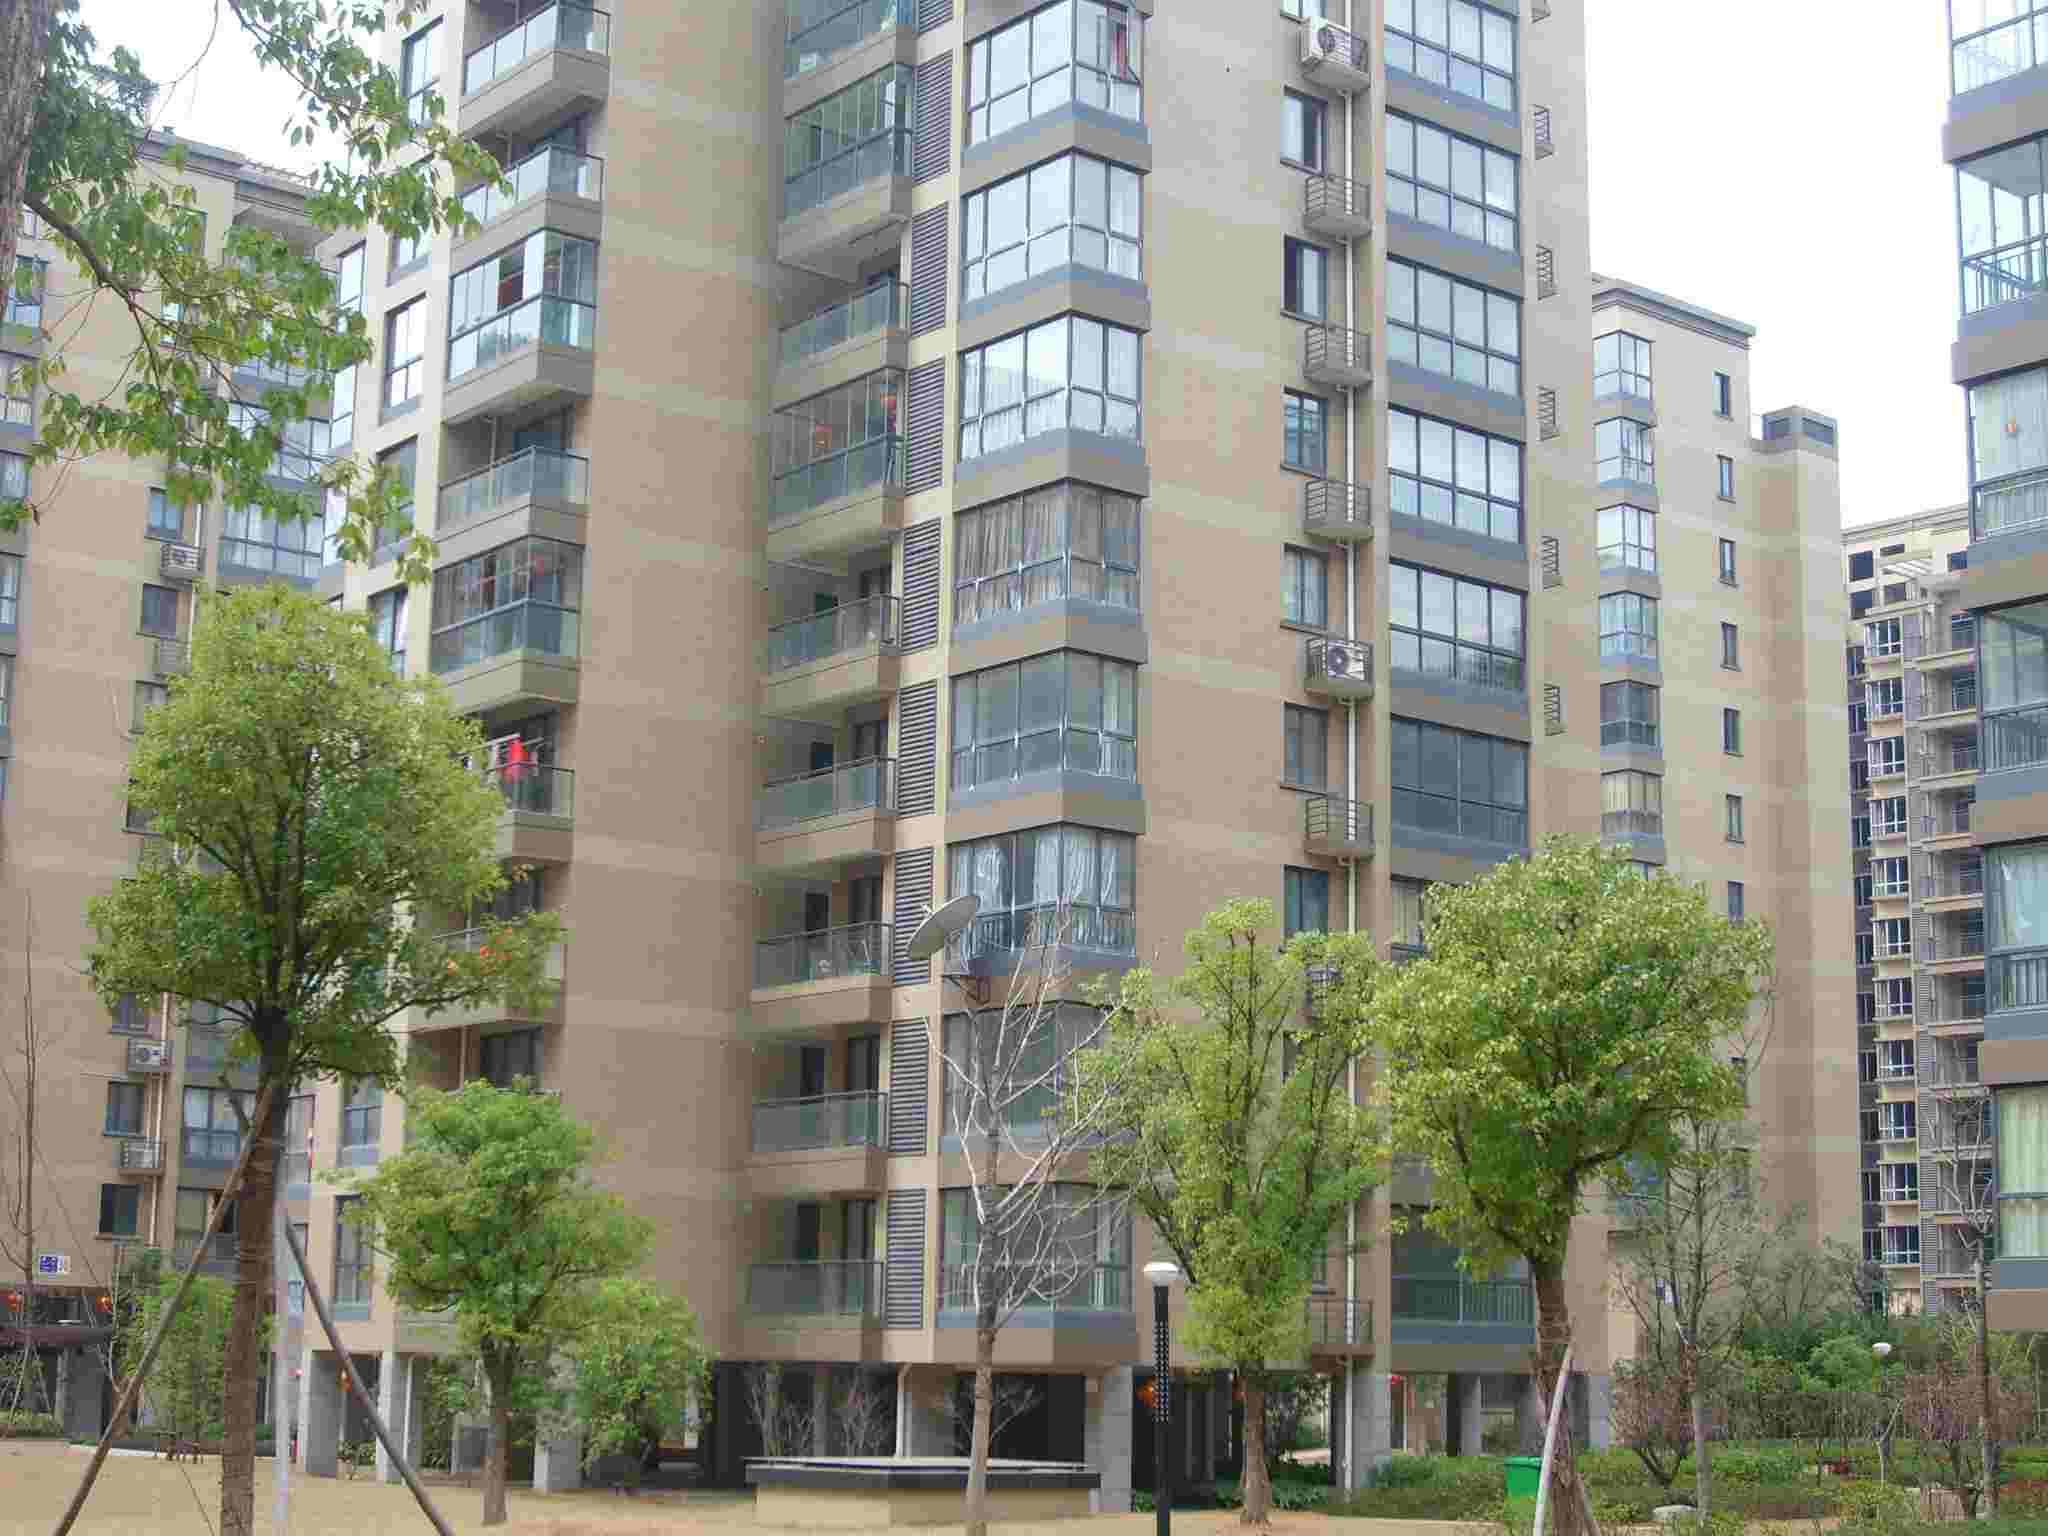 金城二期西边套精装修楼层好位置佳环境优美房东诚心出售